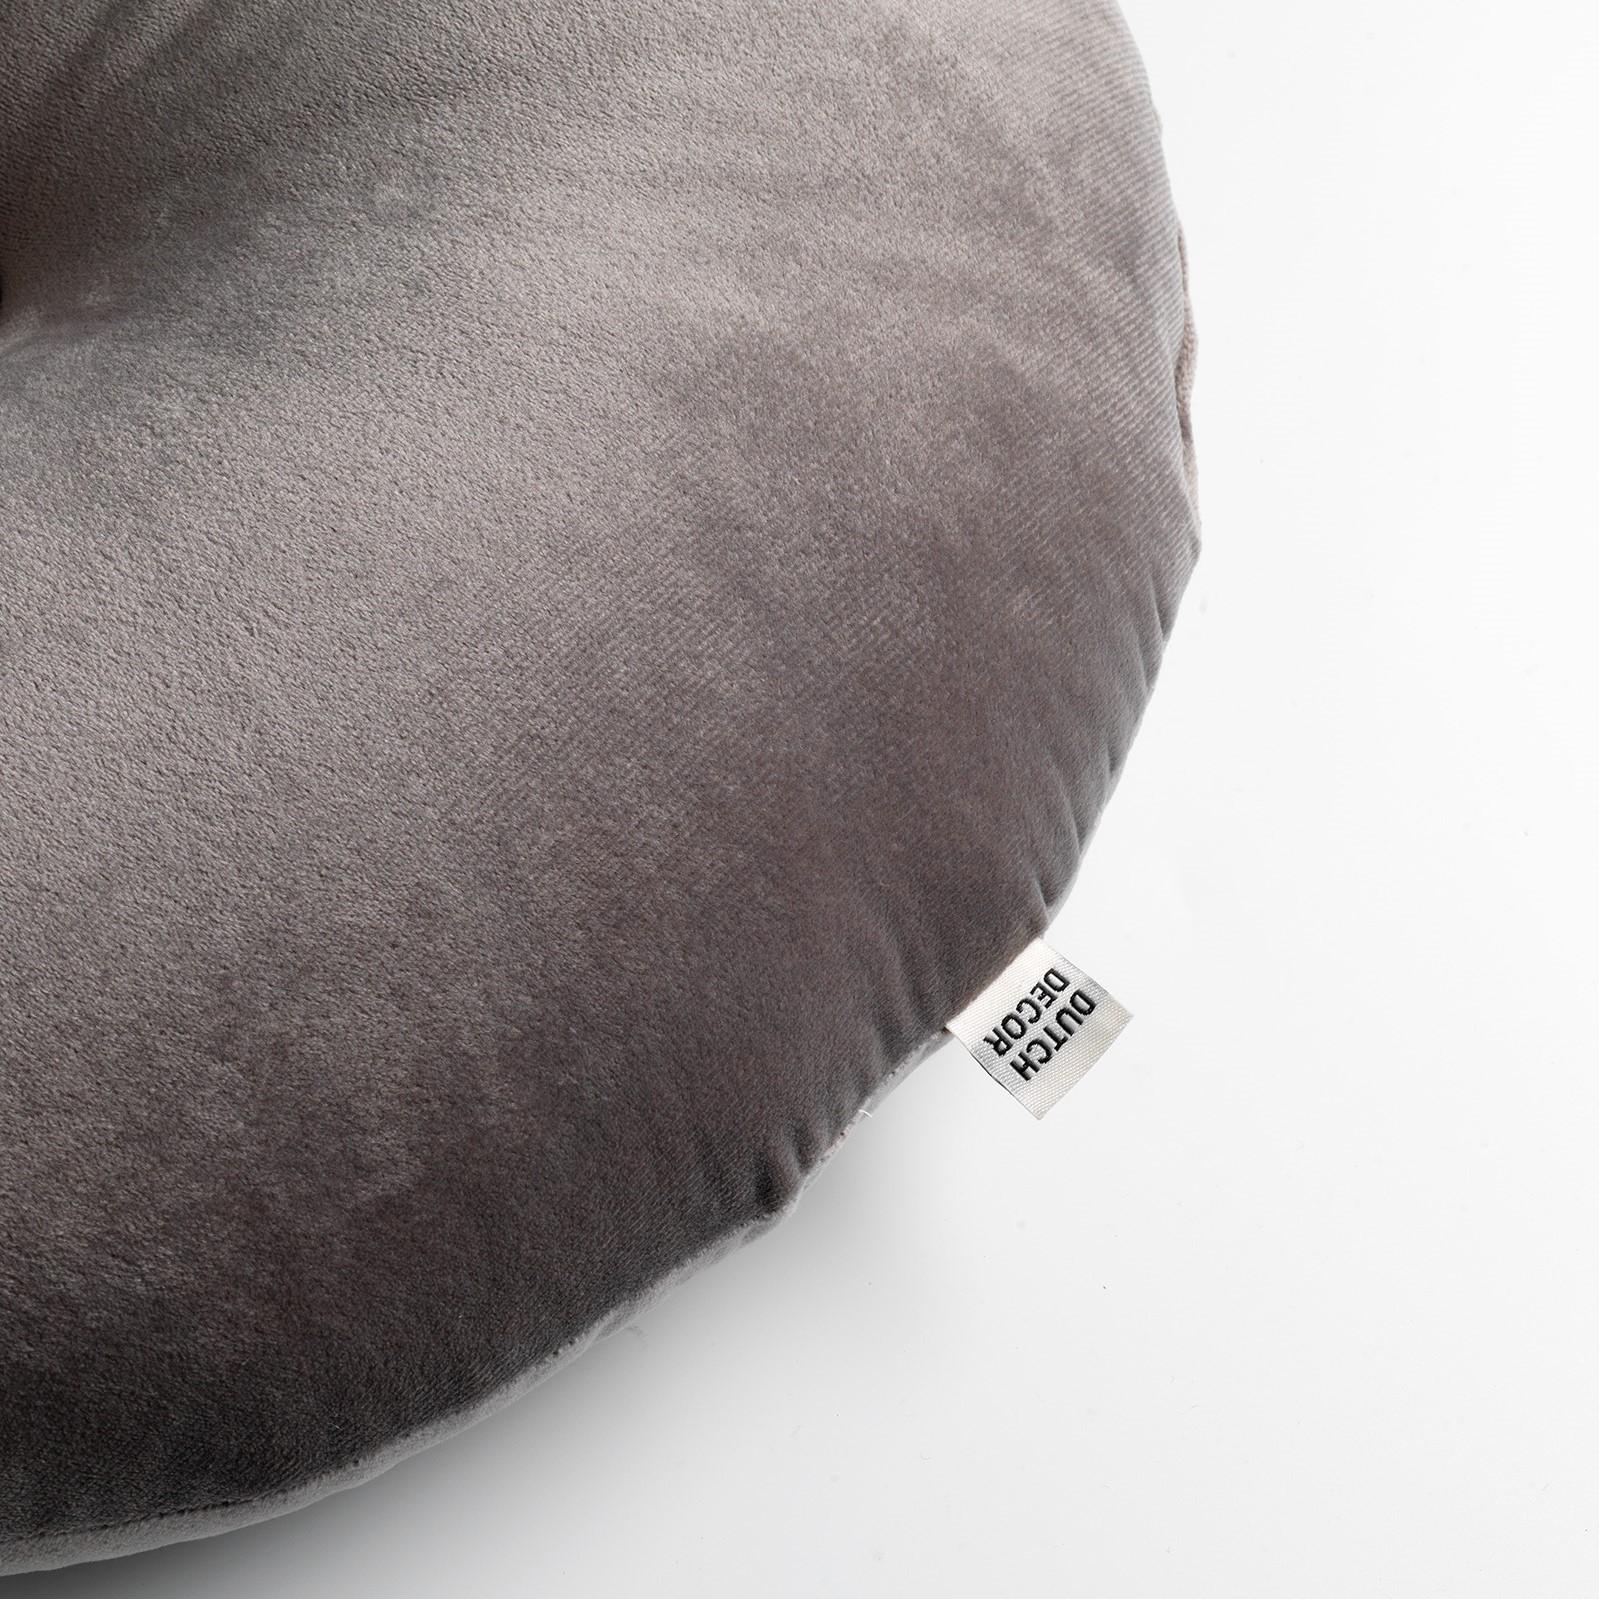 OLLY - Sierkussen rond velvet Driftwood 40 cm